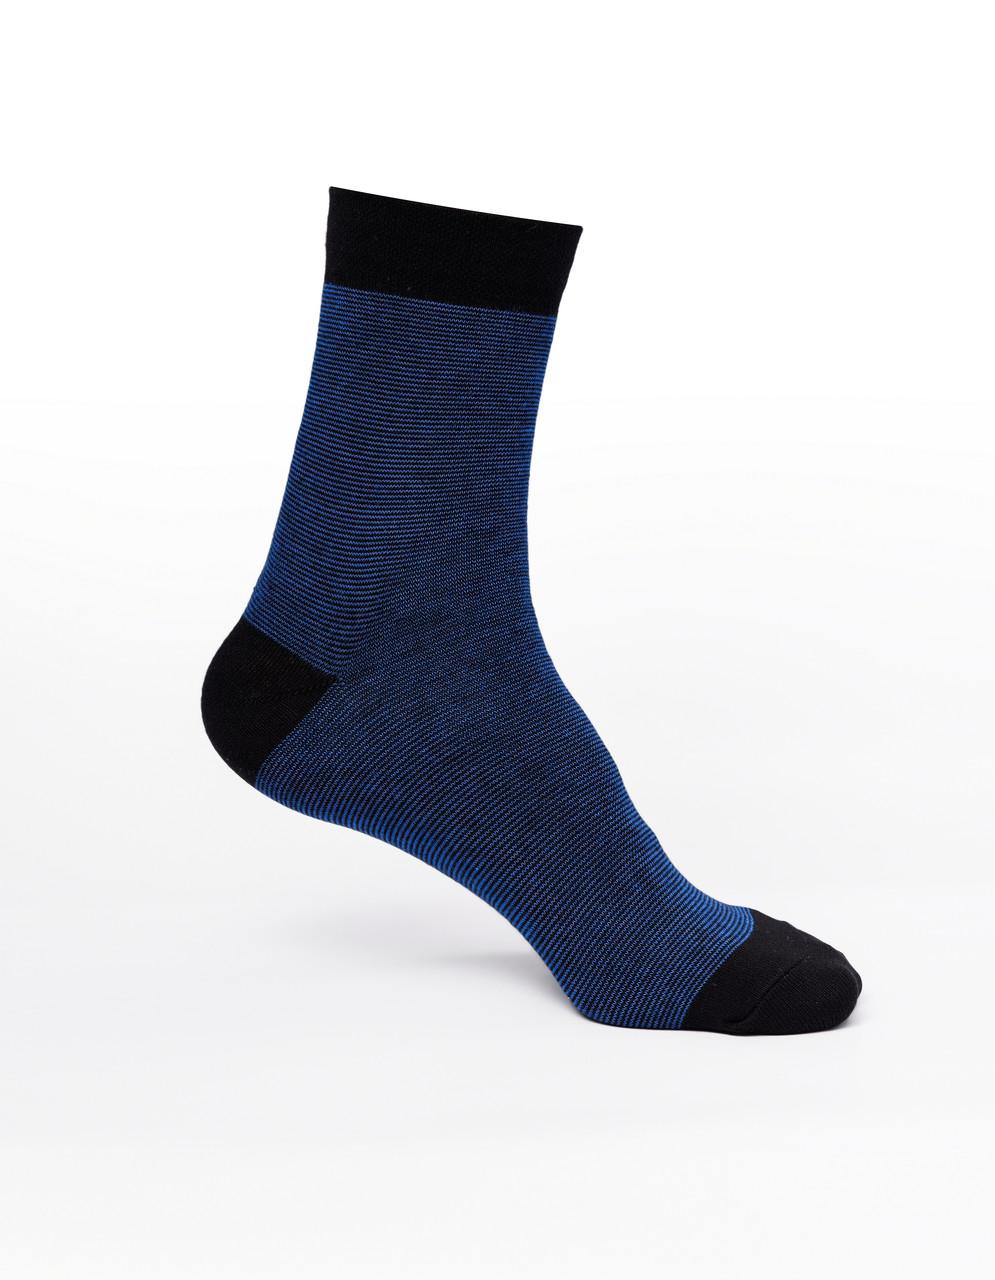 Мужские носки,хлопок, синие